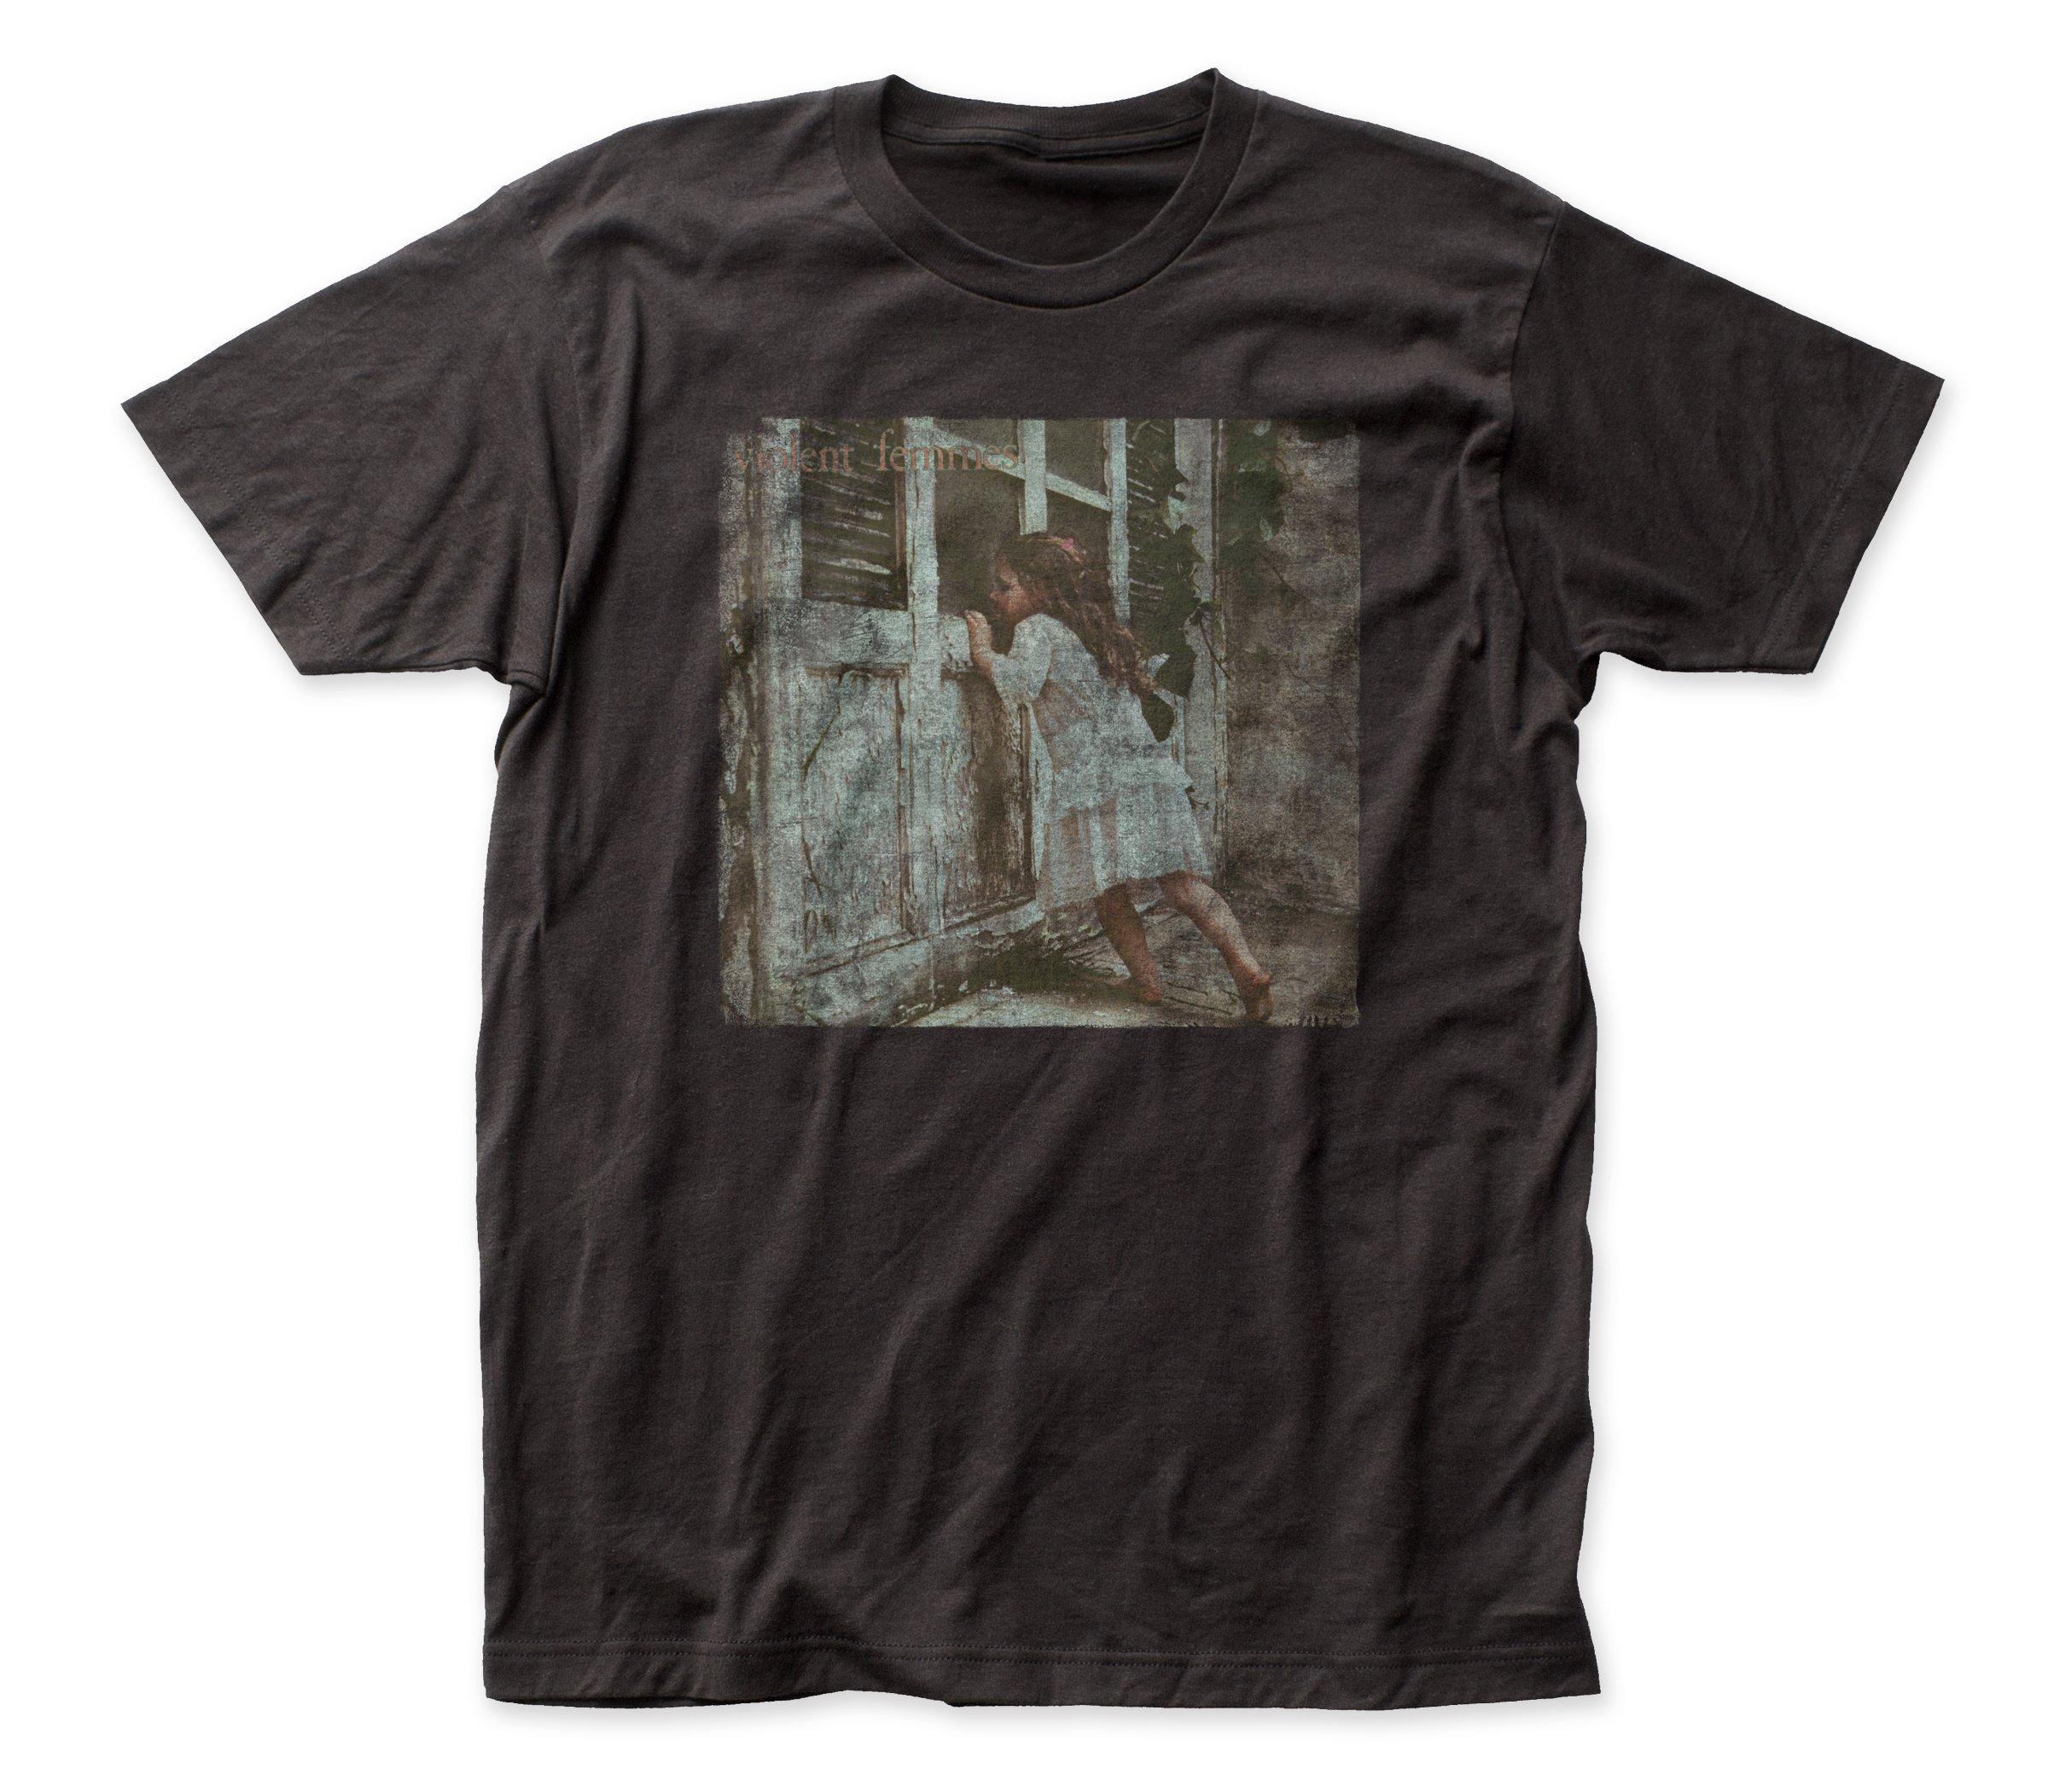 Violent Femmes Selftitled Album Soft Ted 301 Ts Shirts